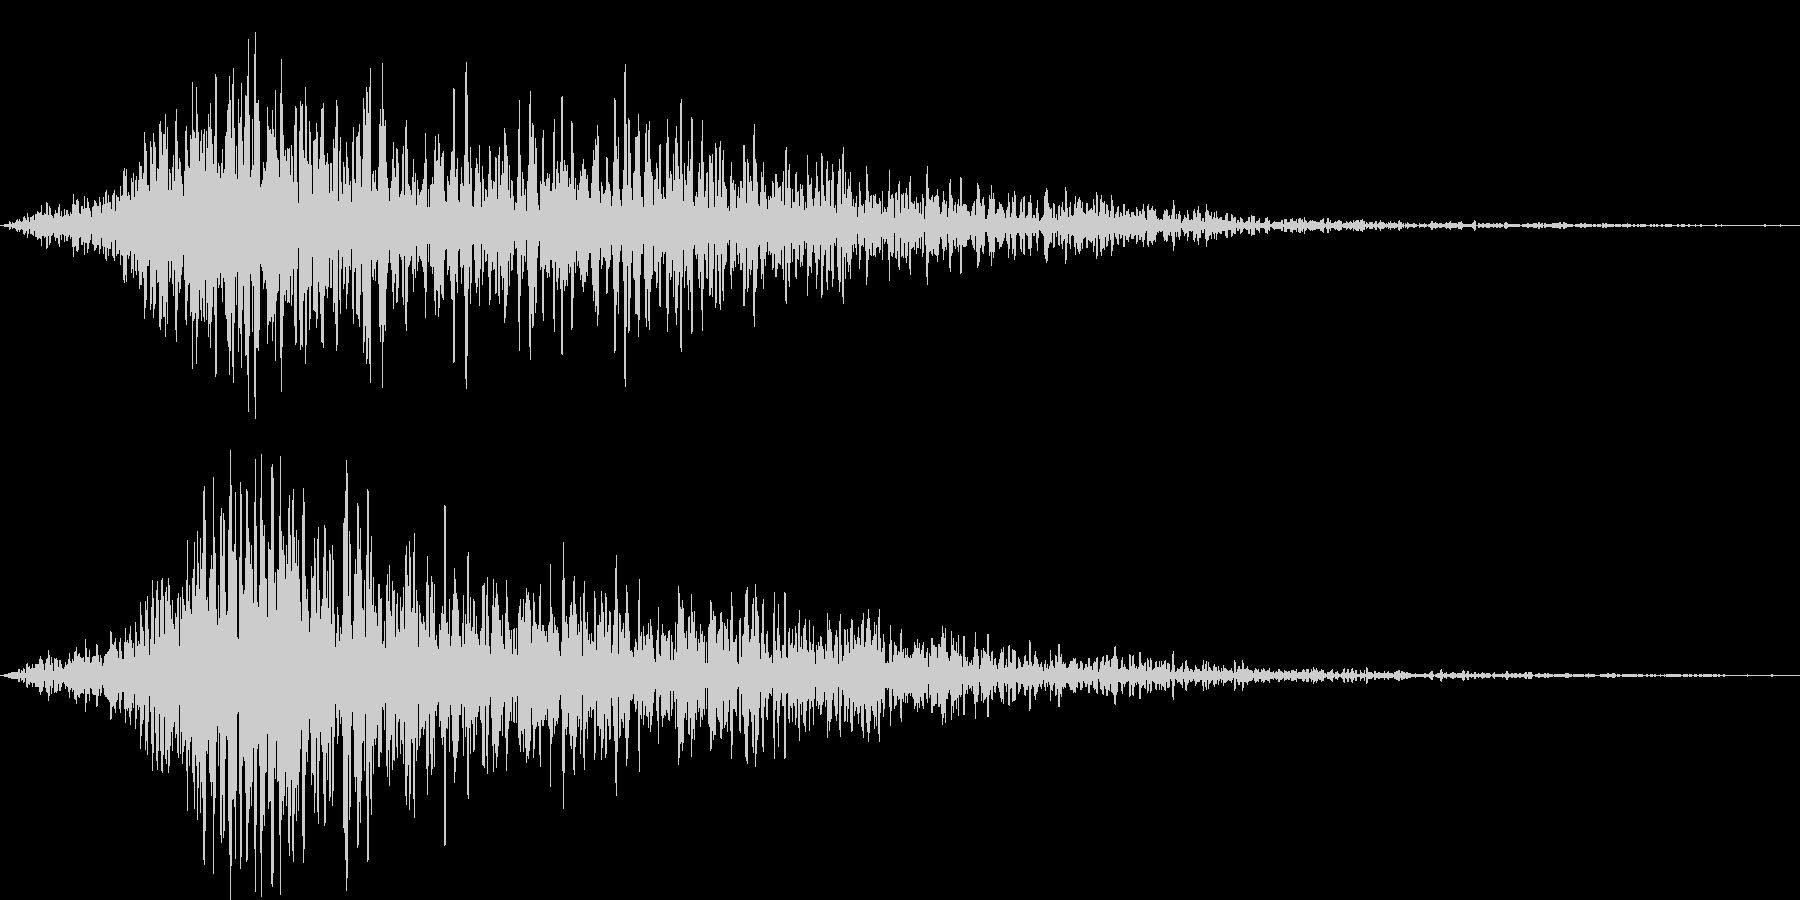 タイトル表記などの効果7の未再生の波形